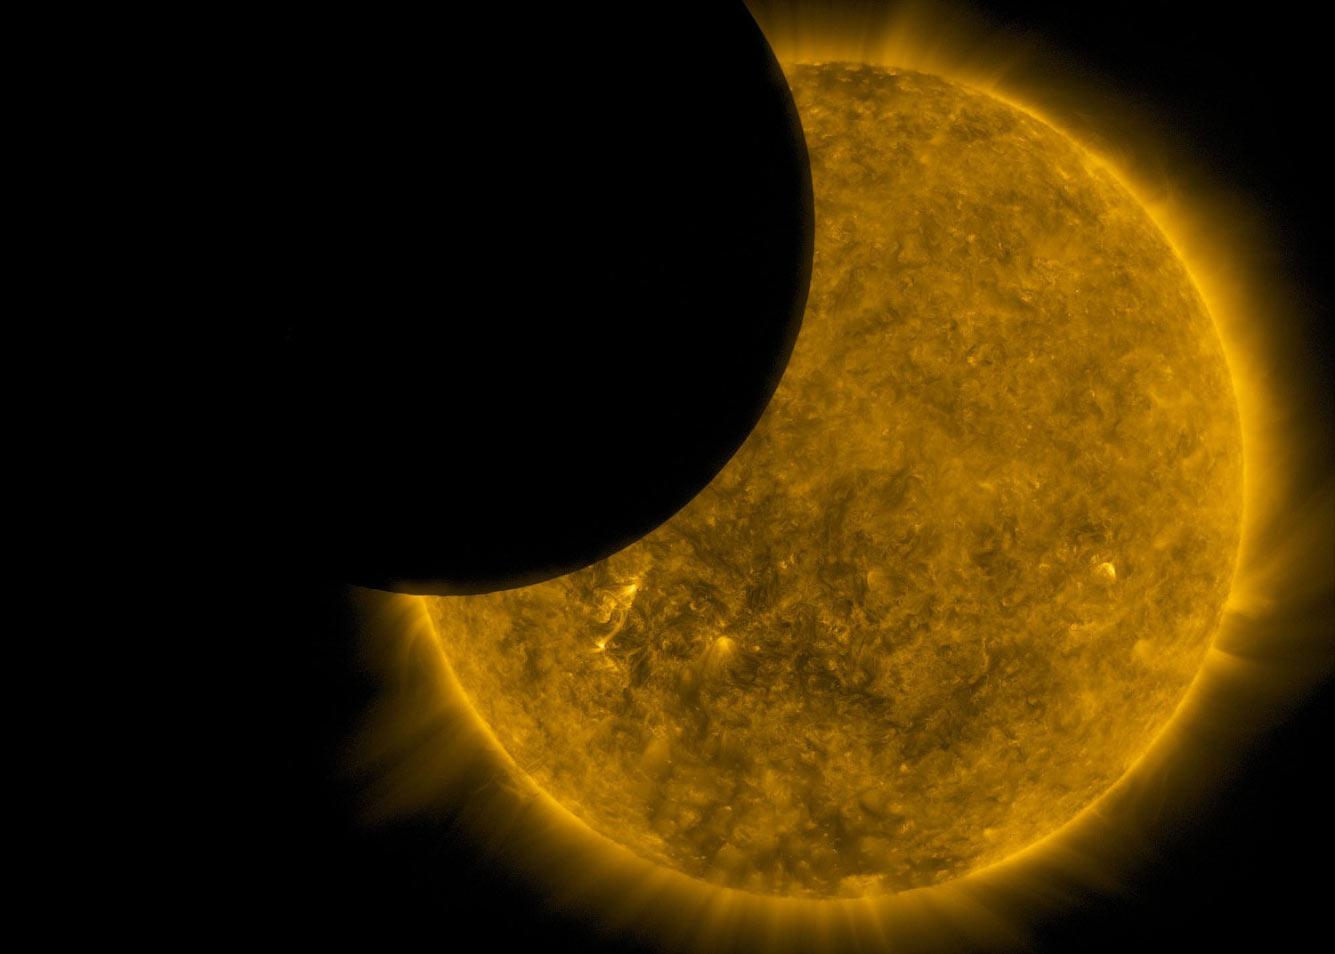 Транзит Луны по диску Солнца